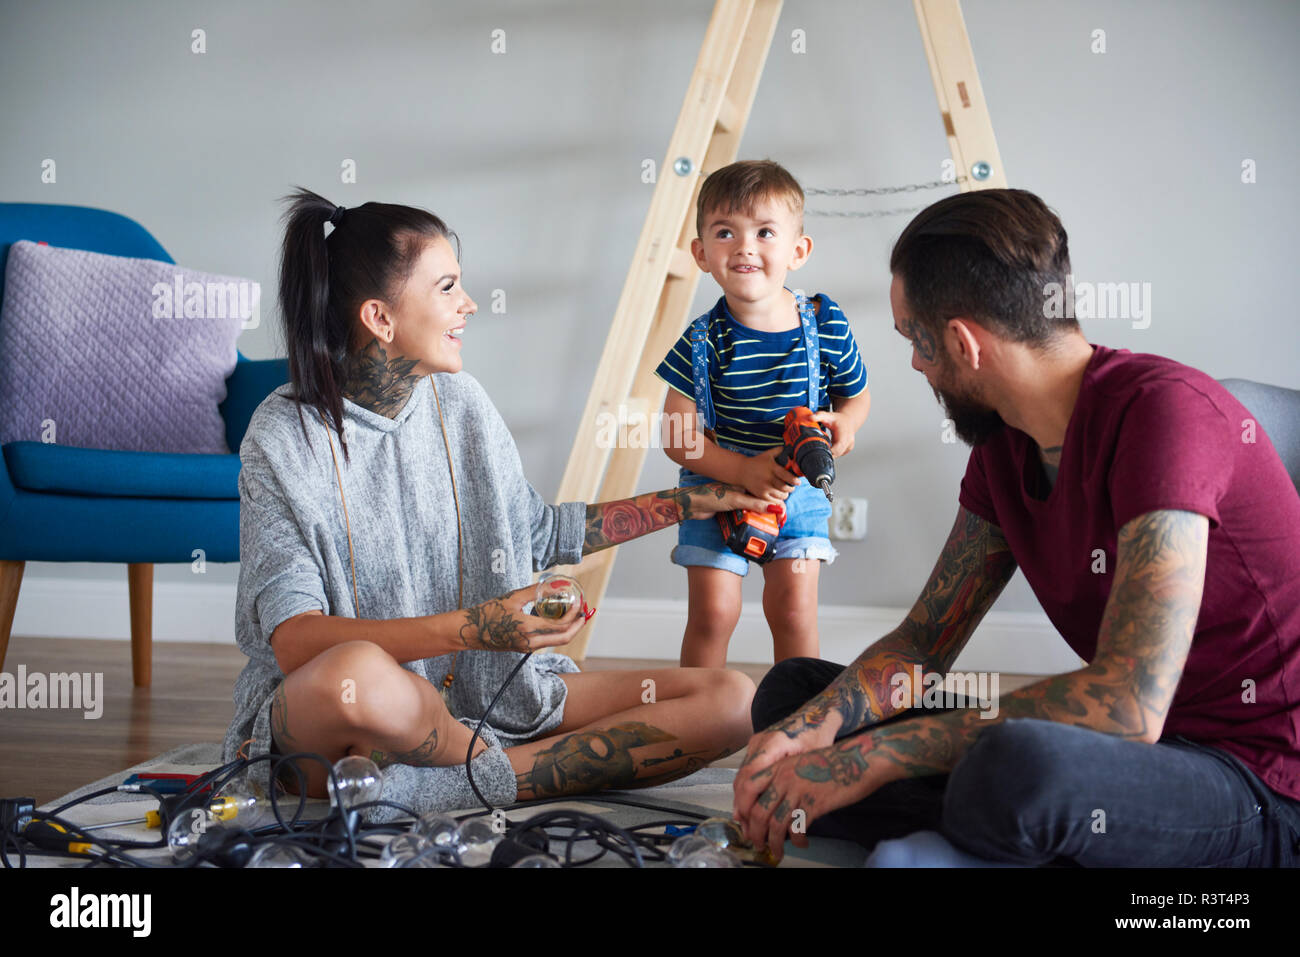 Feliz familia moderna decorar el hogar para Navidad Foto de stock